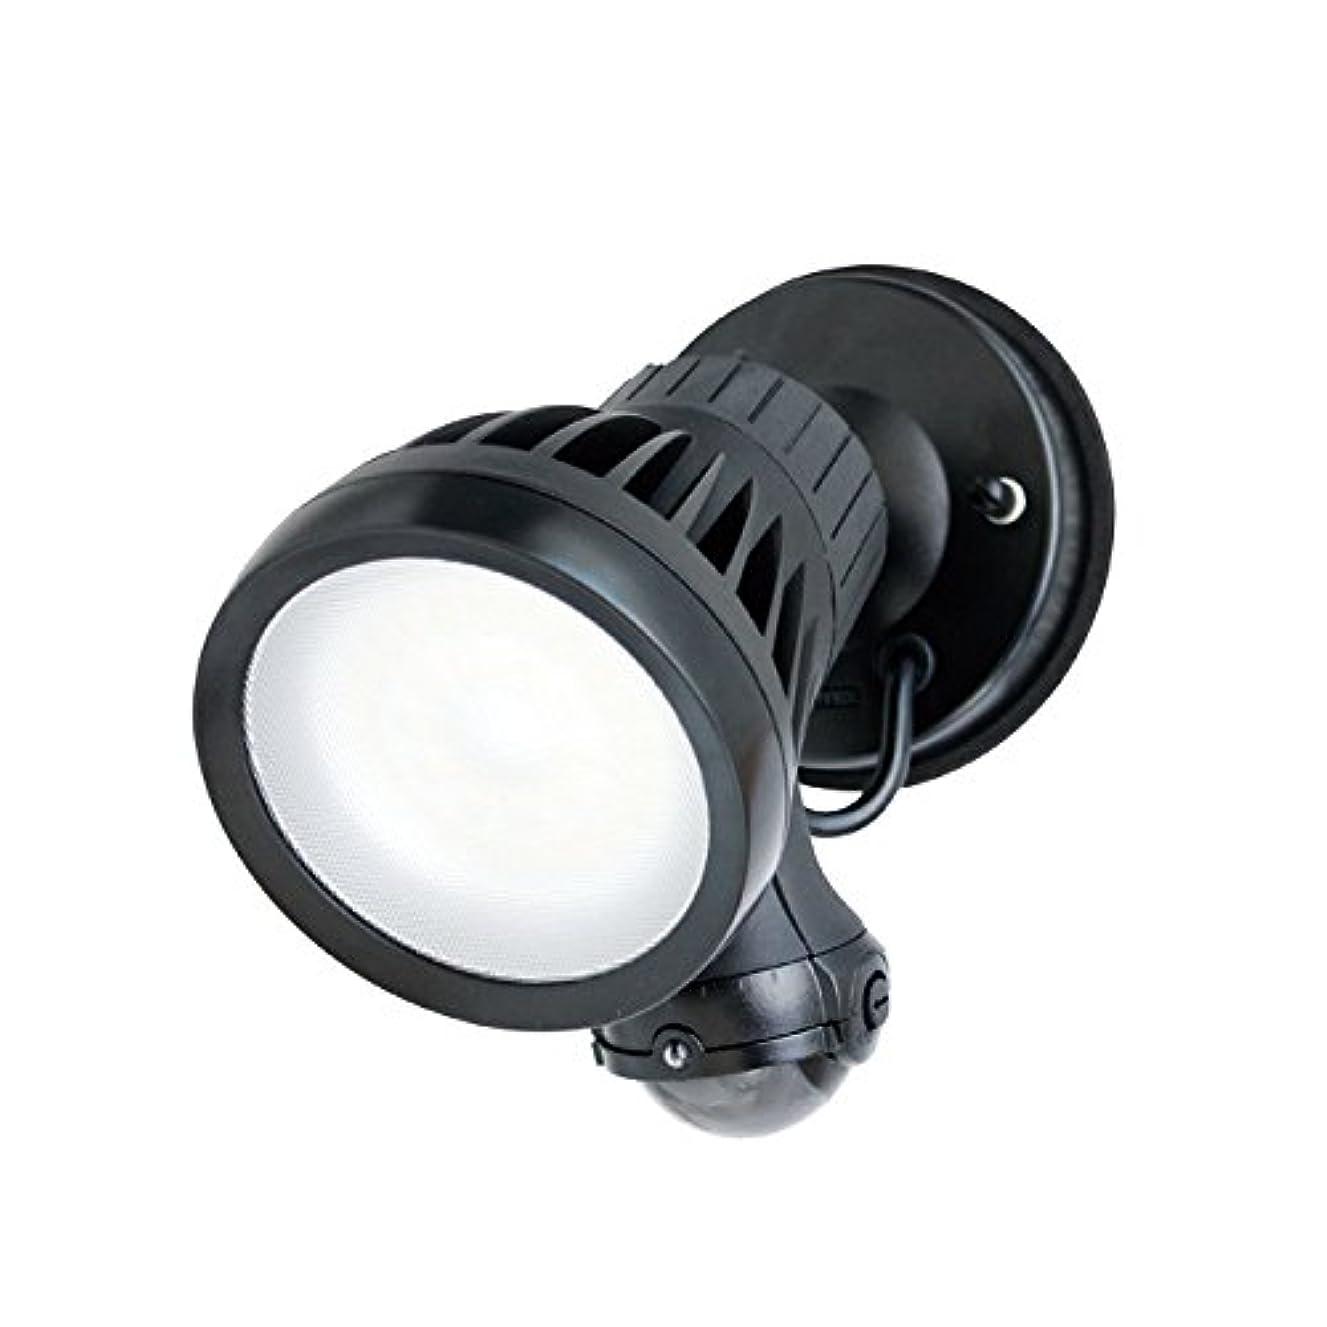 割り込みむさぼり食うボタンオプテックス LA-10PROLED LEDセンサライトON/OFFタイプ